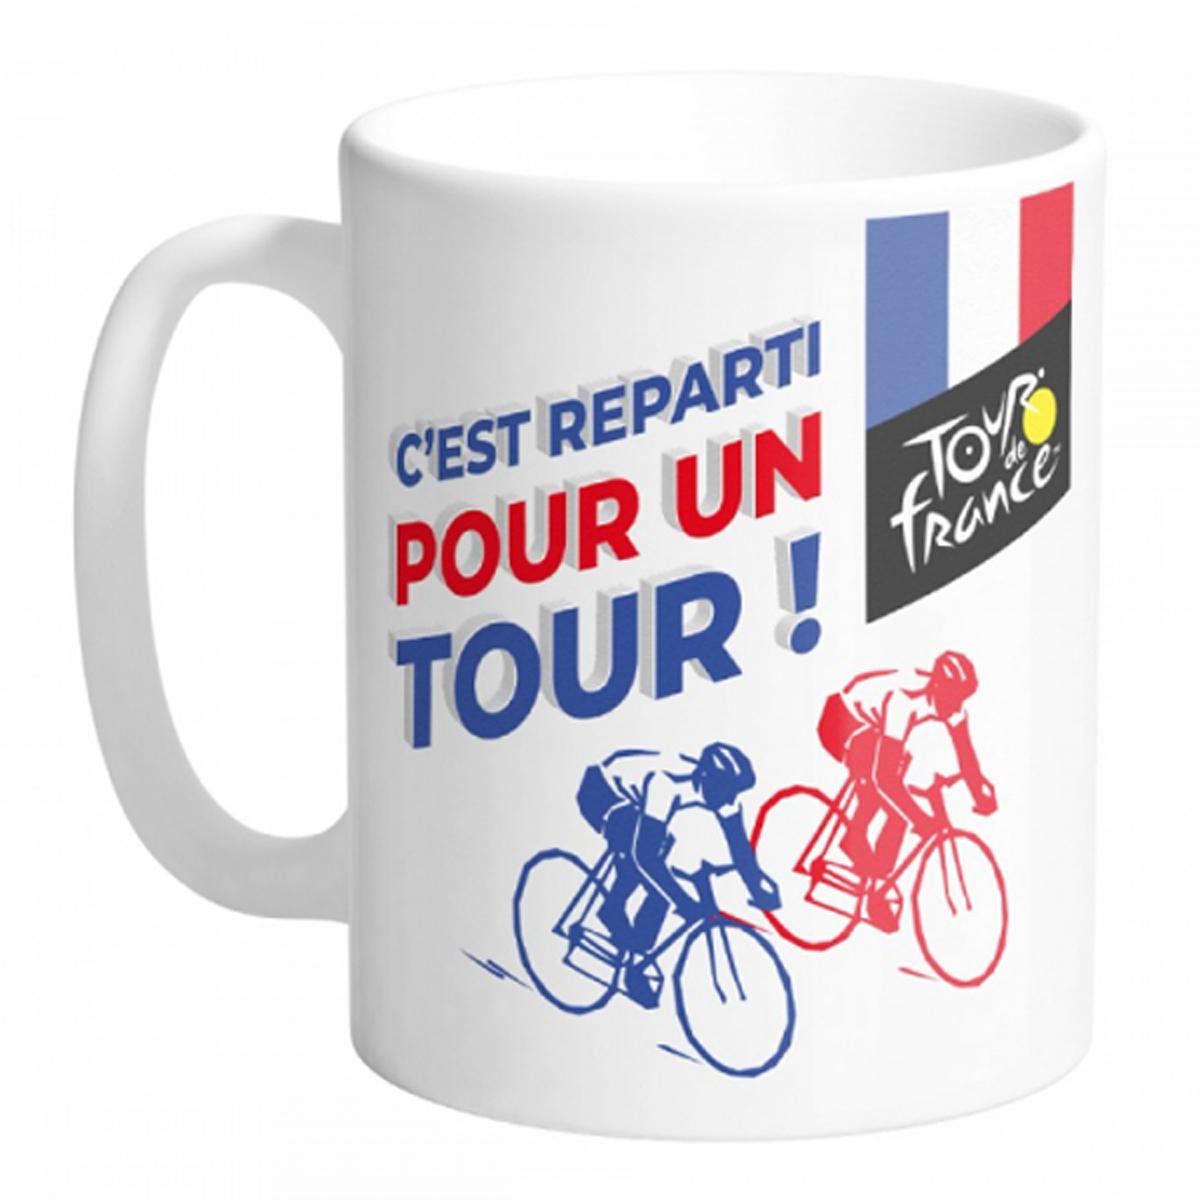 Mug céramique \'Tour de France\' (C\'est reparti pour un Tour !) - 95x80 mm - [R1745]